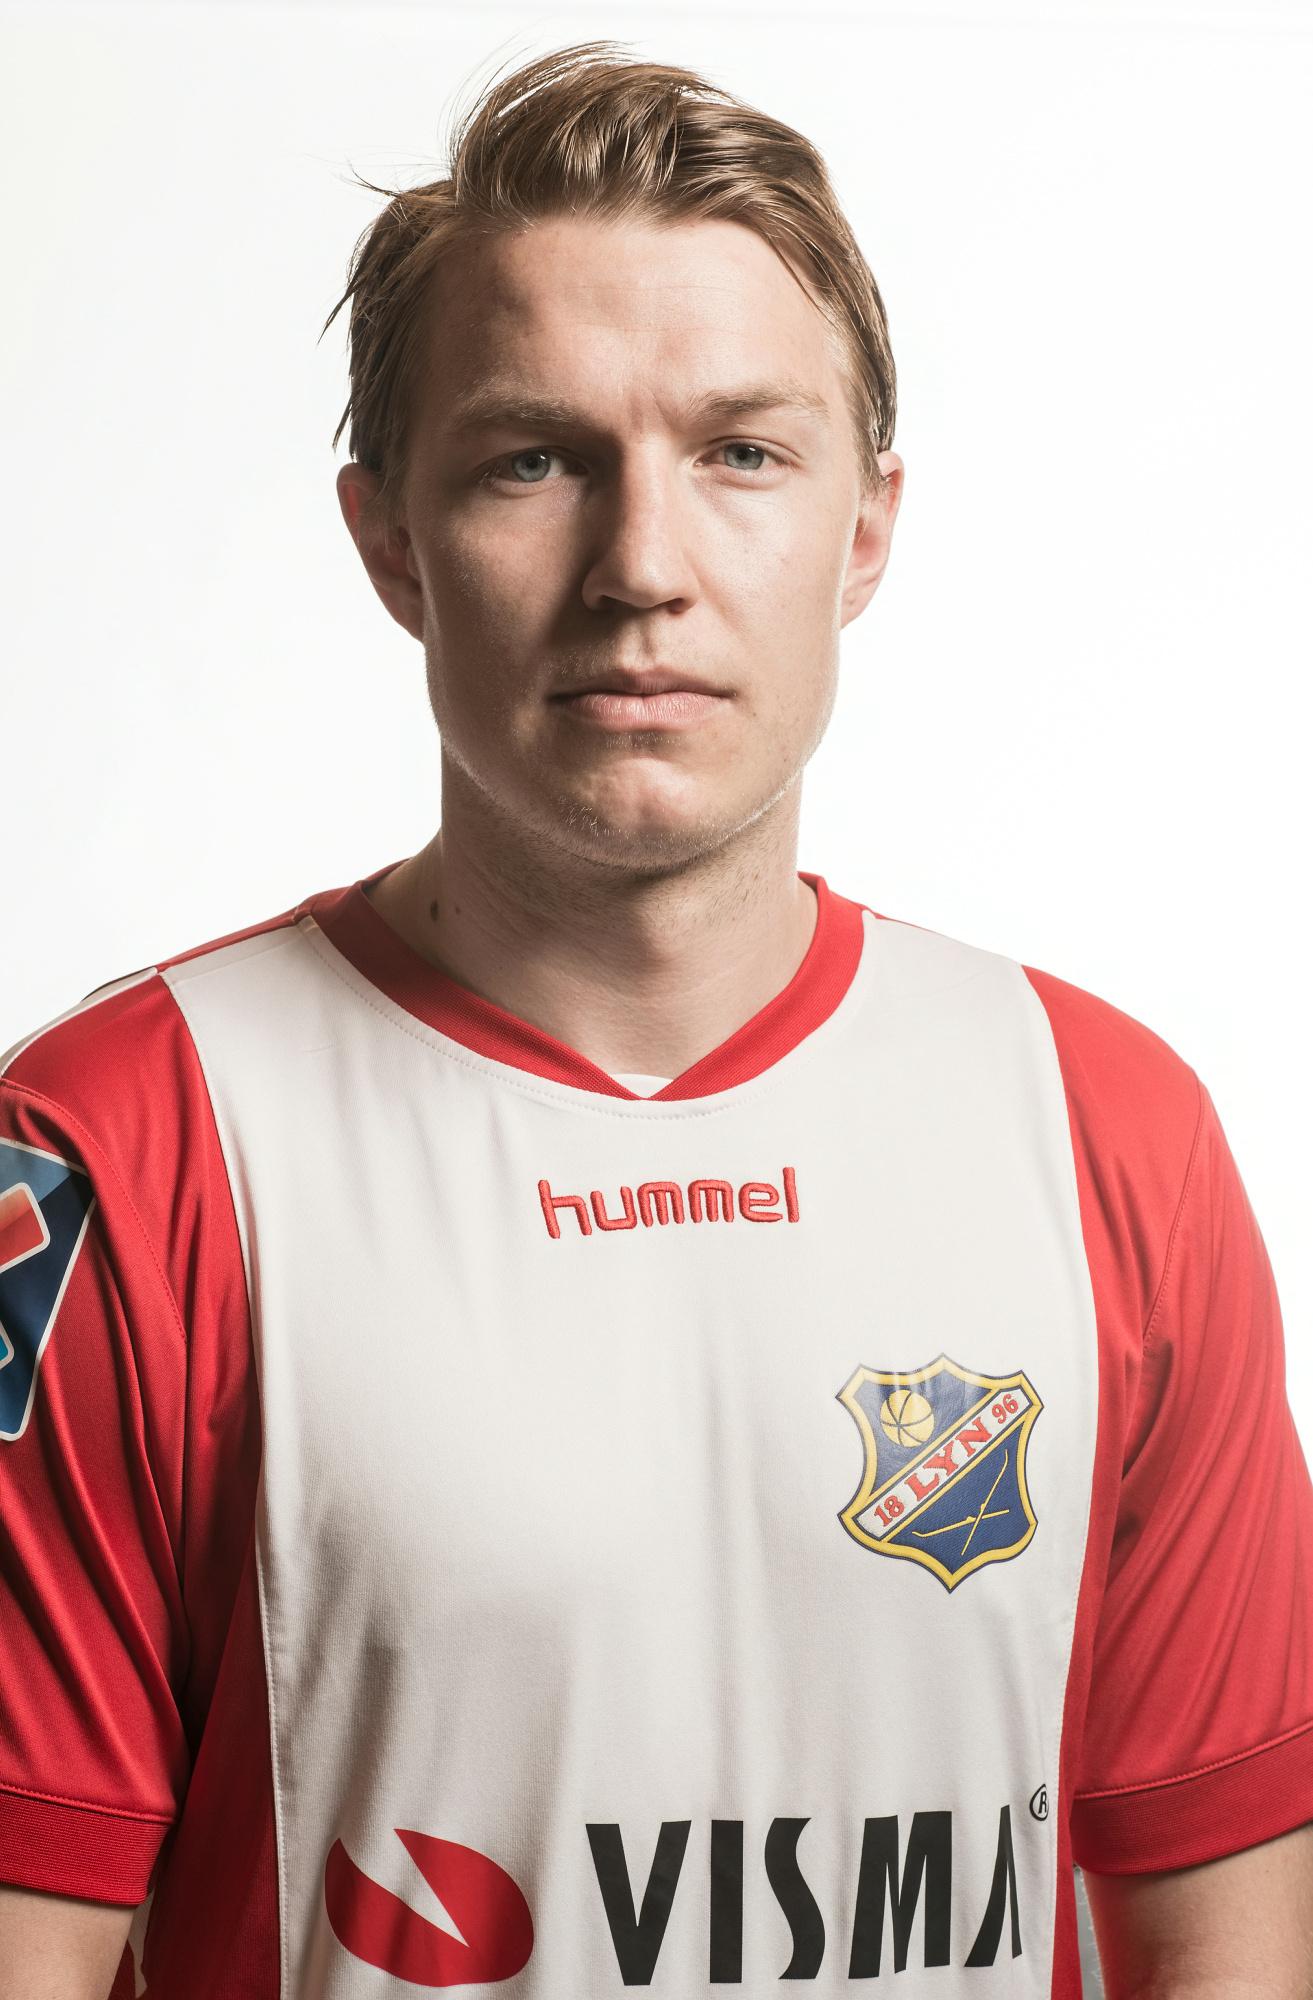 #14 - Posisjon: MidtbaneFødt: 14.01.91Fødested: OsloTidligere klubber: Egen junioravdeling og KFUM OsloStatistikk: Emil på Lynhistorie.com